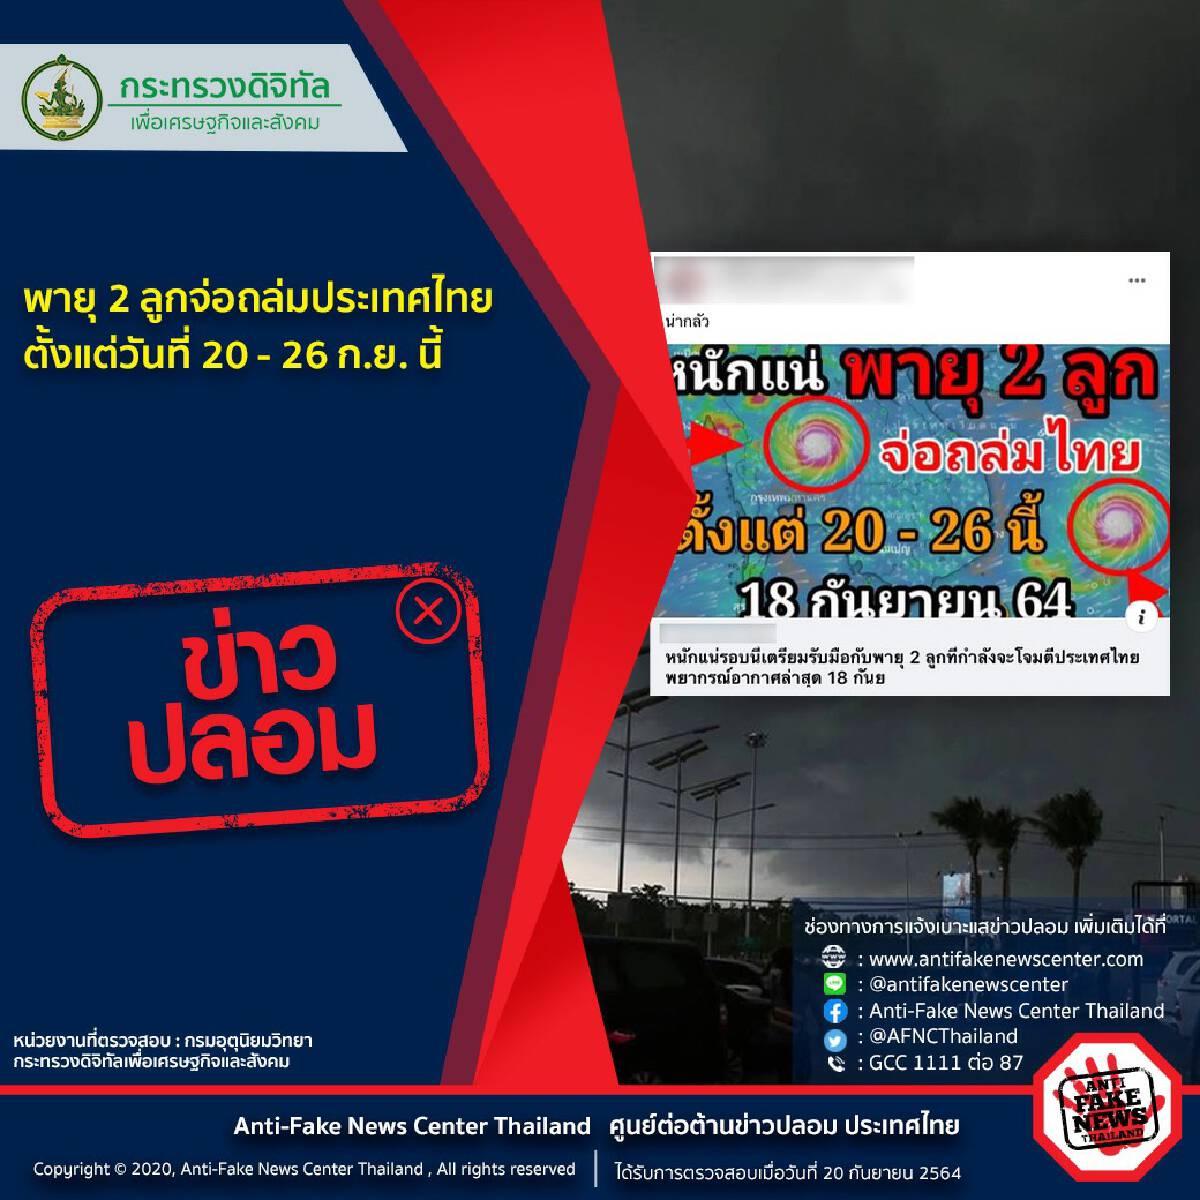 ยันไม่พบสัญญาณพายุ 2 ลูกจ่อถล่มไทย 20 – 26 ก.ย.